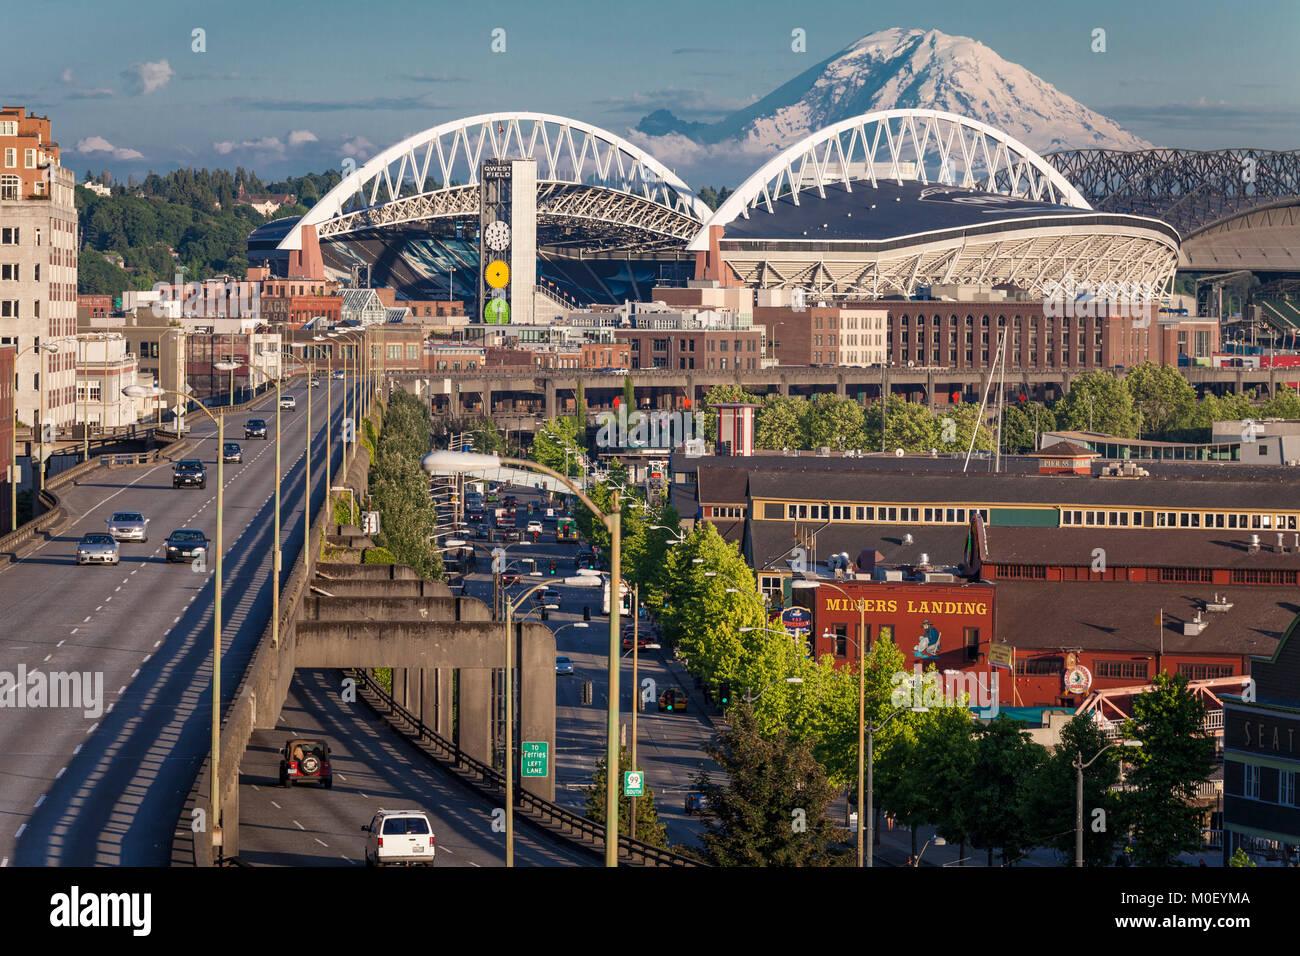 Waterfront, 99 viaducto, estadios, Mt Rainier, Seattle, Washington, EE.UU. Imagen De Stock